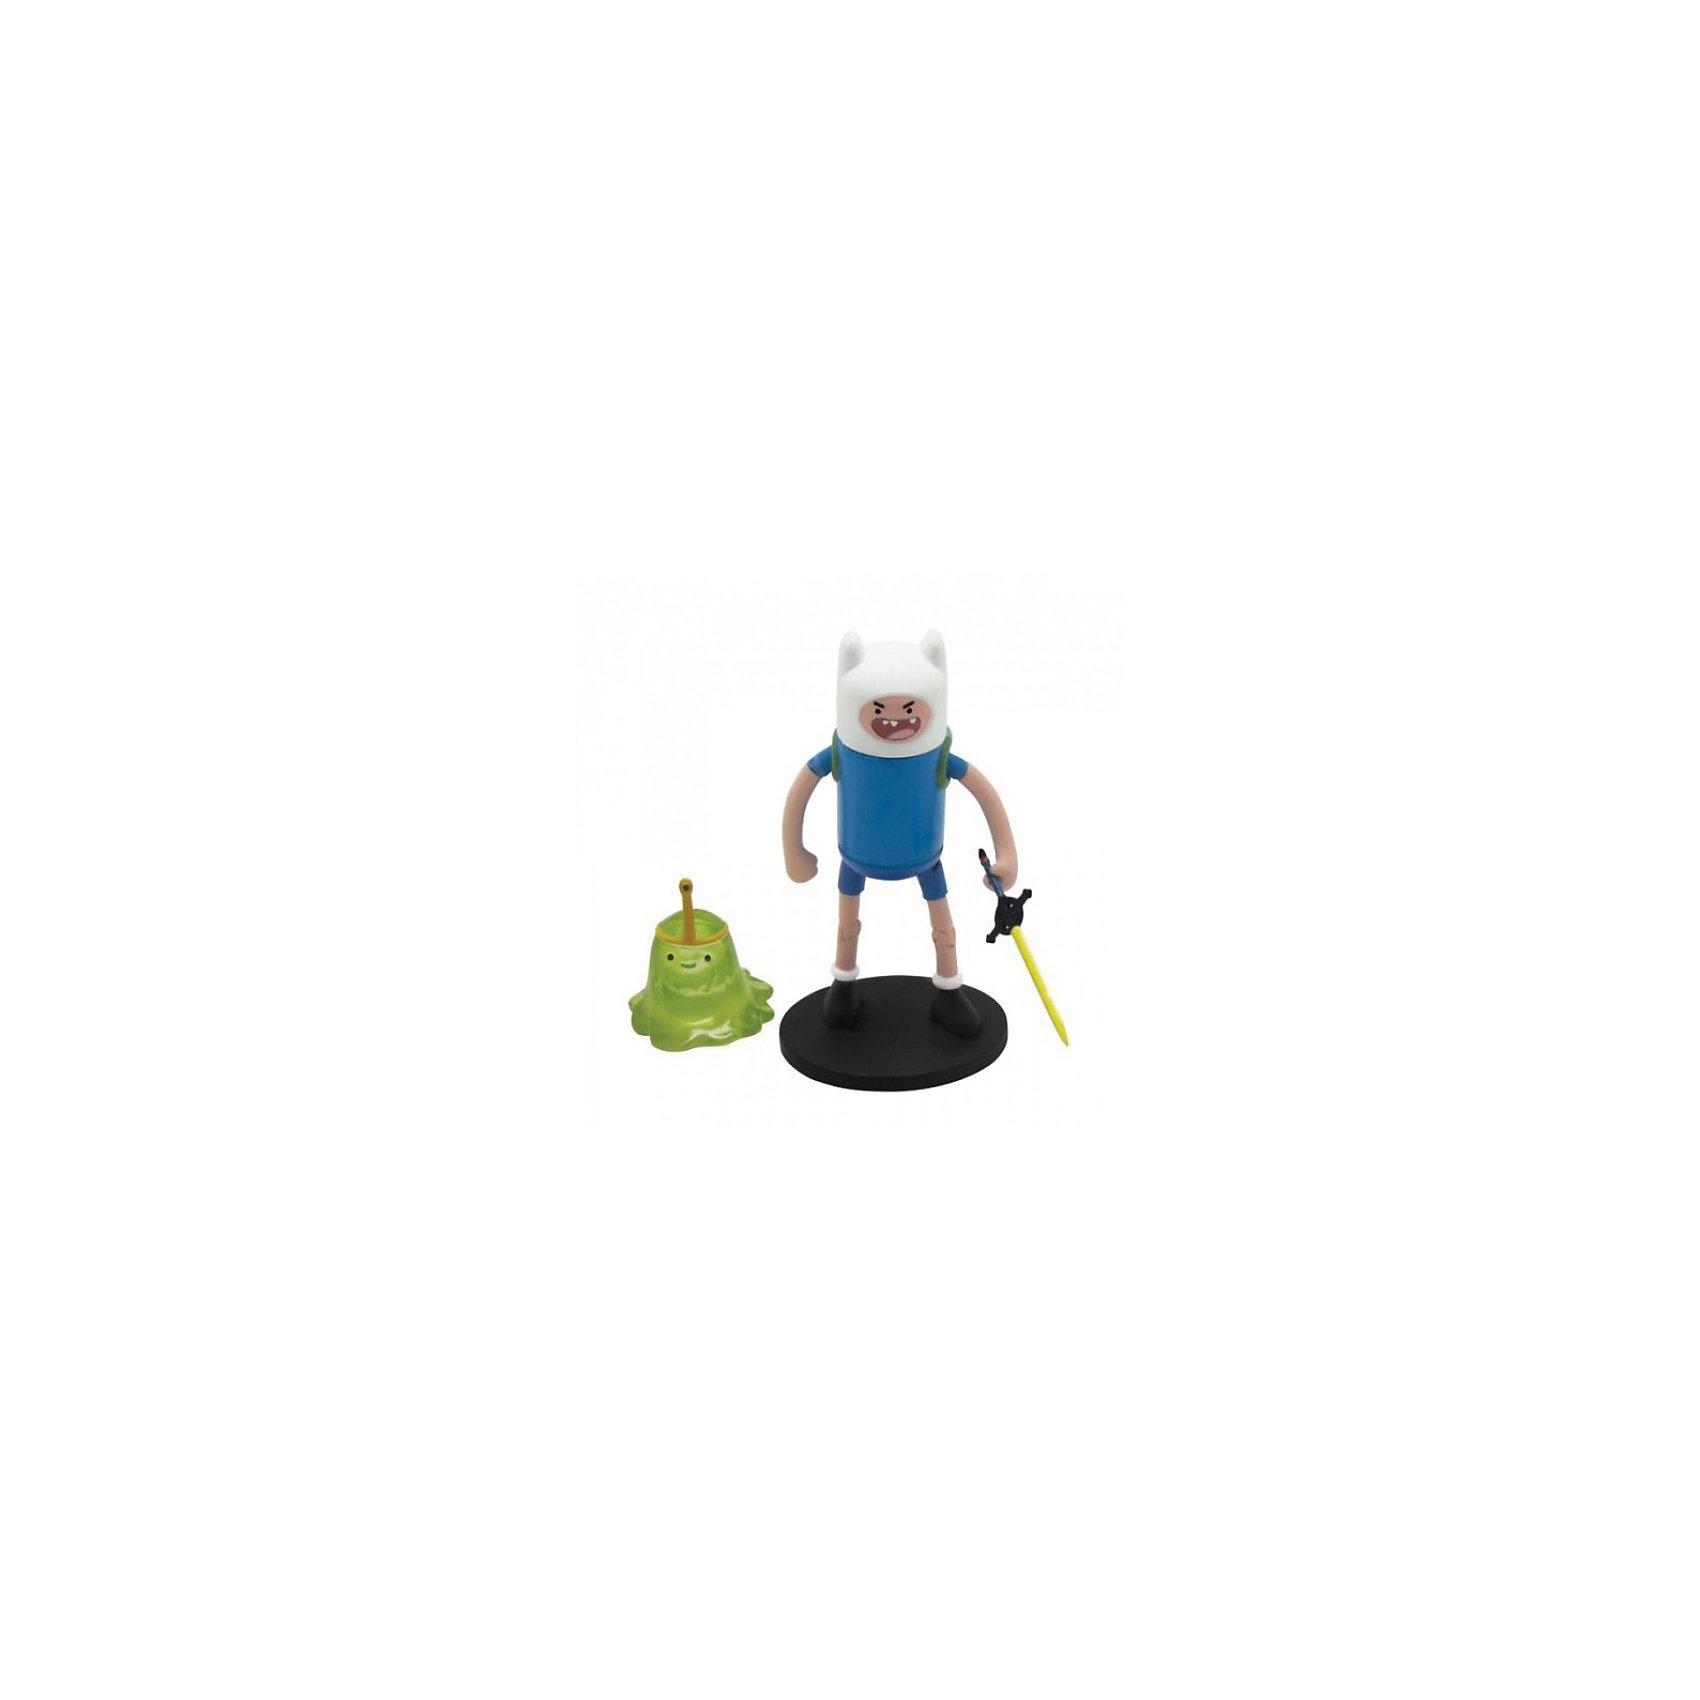 Фигурки Финн и Принцесса Слизь 2в1, 6см, Время приключенийФигурки Финн и Принцесса Слизь, 2 в 1, Adventure Time - забавные игрушки, созданные по мотивам американского мультсериала Adventure Time (Время приключений), повествующего о необыкновенных и веселых приключениях мальчика Финна и его волшебной собаки Джейка. Набор станет приятным сюрпризом для всех поклонников этого мультсериала. В комплекте две фигурки: мальчика Финн и принцессы Слизь. Фигурка Финна выполнена из эластичного материала и может принимать  различные положения, руки и ноги подвижны, тело поворачивается. В набор также входит меч, с помощью которого Финн борется со злодеями.<br><br>Дополнительная информация:<br><br>- В комплекте: 2 фигурки, меч.<br>- Материал: пластик.<br>- Размер фигурки Финна: 6 см.<br>- Размер фигурки Принцесса Слизь: 3 см.<br>- Размер упаковки: 20 х 15 х 5 см.<br>- Вес: 0,35 кг.<br><br>Фигурки Финн и Принцесса Слизь, 2 в 1, Adventure Time можно купить в нашем интернет-магазине.<br><br>Ширина мм: 55<br>Глубина мм: 150<br>Высота мм: 180<br>Вес г: 350<br>Возраст от месяцев: 48<br>Возраст до месяцев: 192<br>Пол: Унисекс<br>Возраст: Детский<br>SKU: 3841371